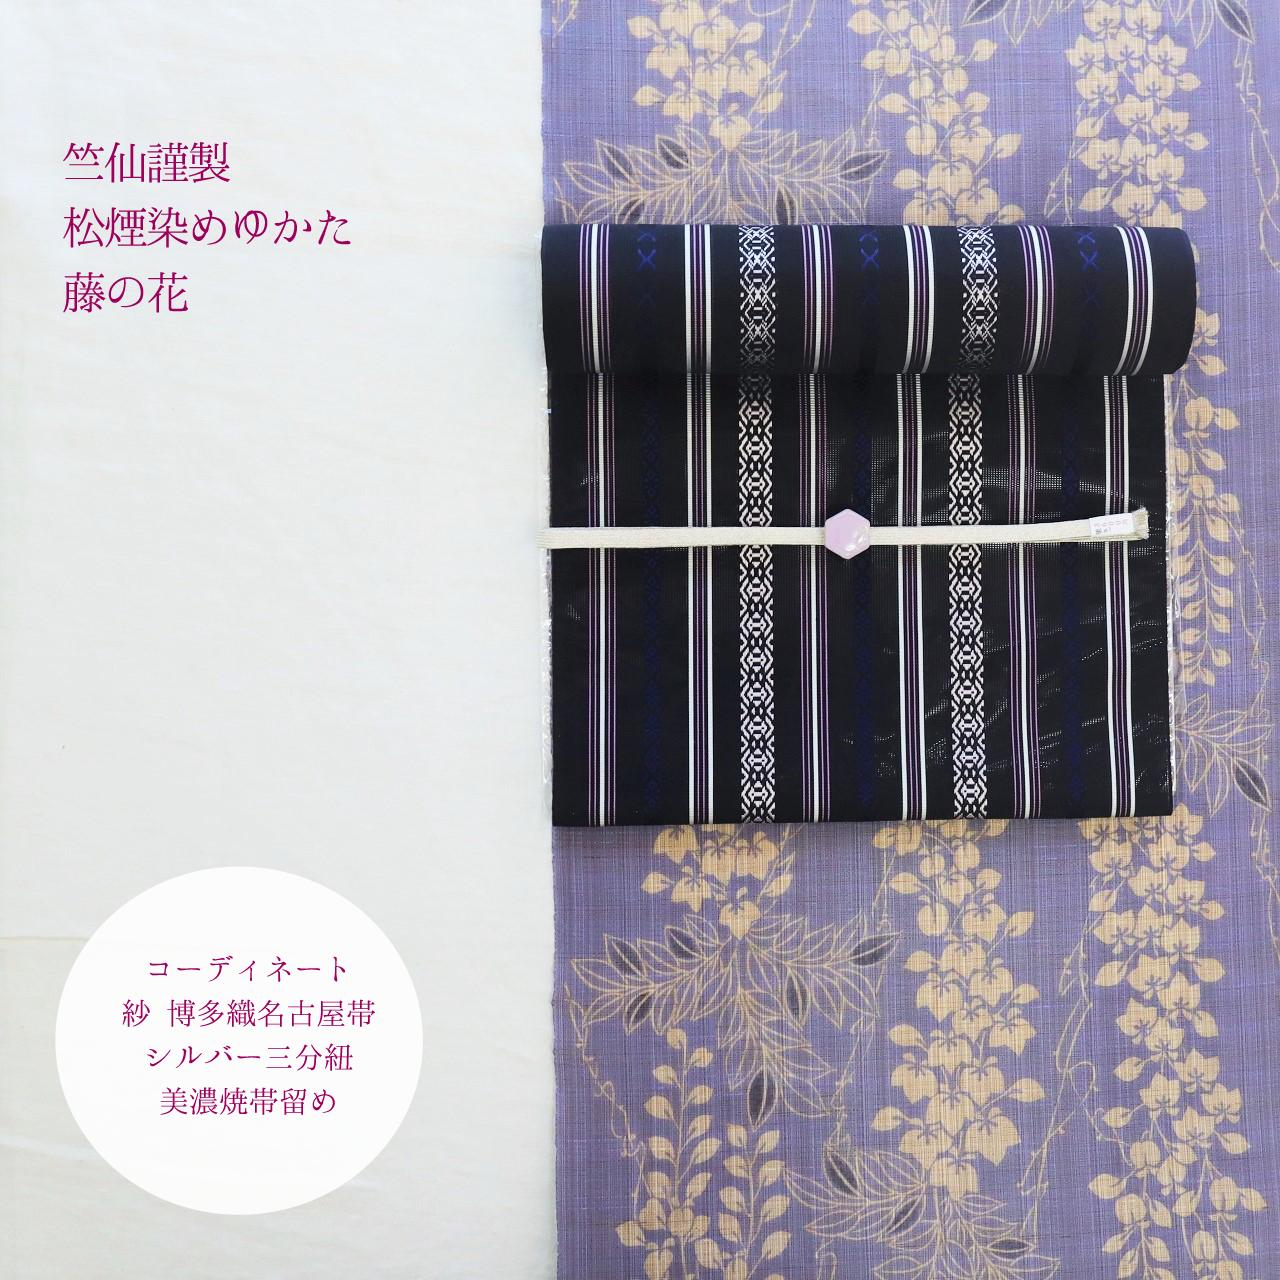 【竺仙謹製】【ゆかた 浴衣 反物】松煙染め 藤の花